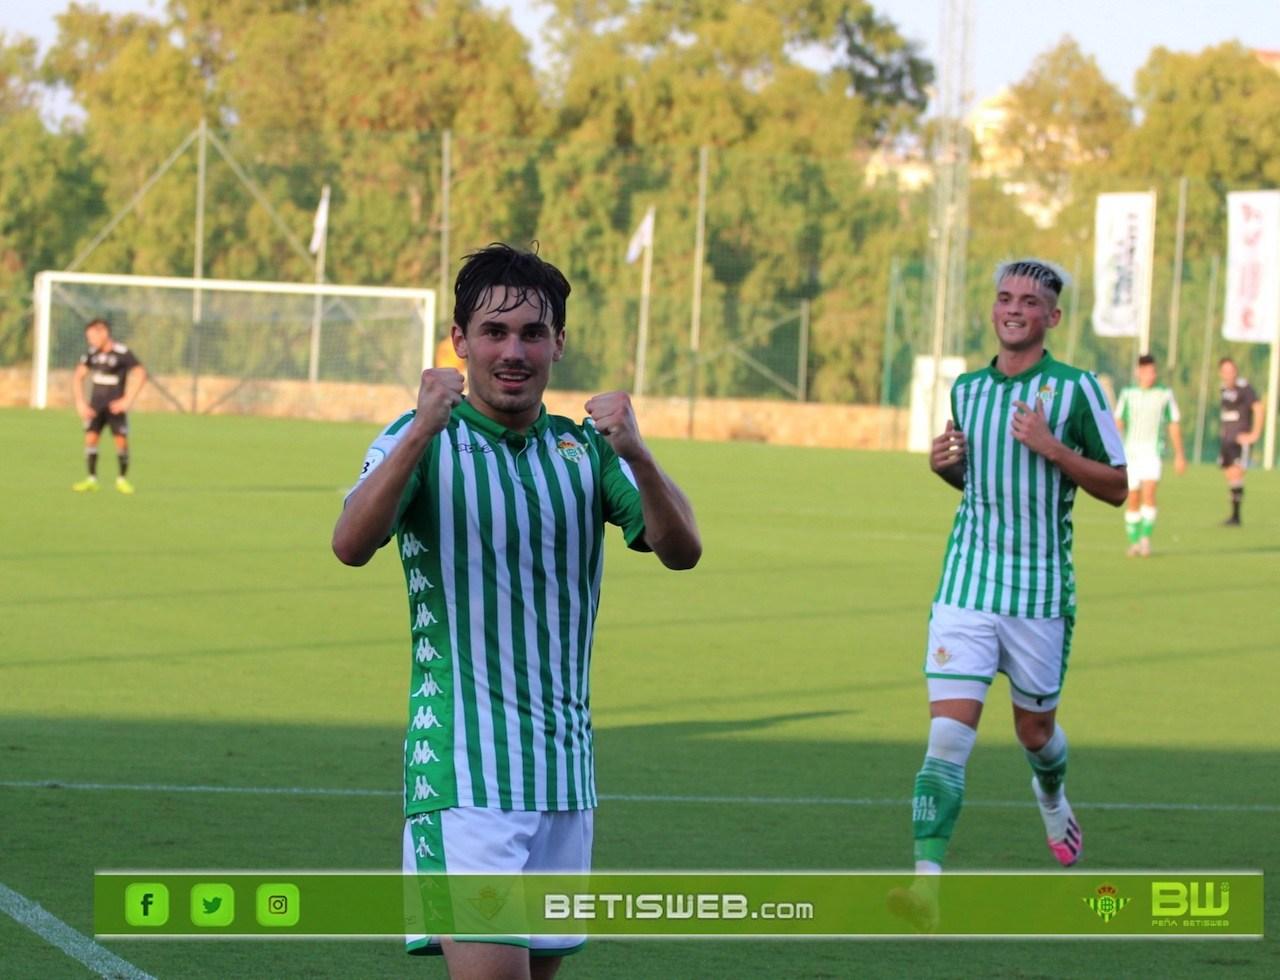 aPlayoff-Betis-Deportivo-CD-Utrera270